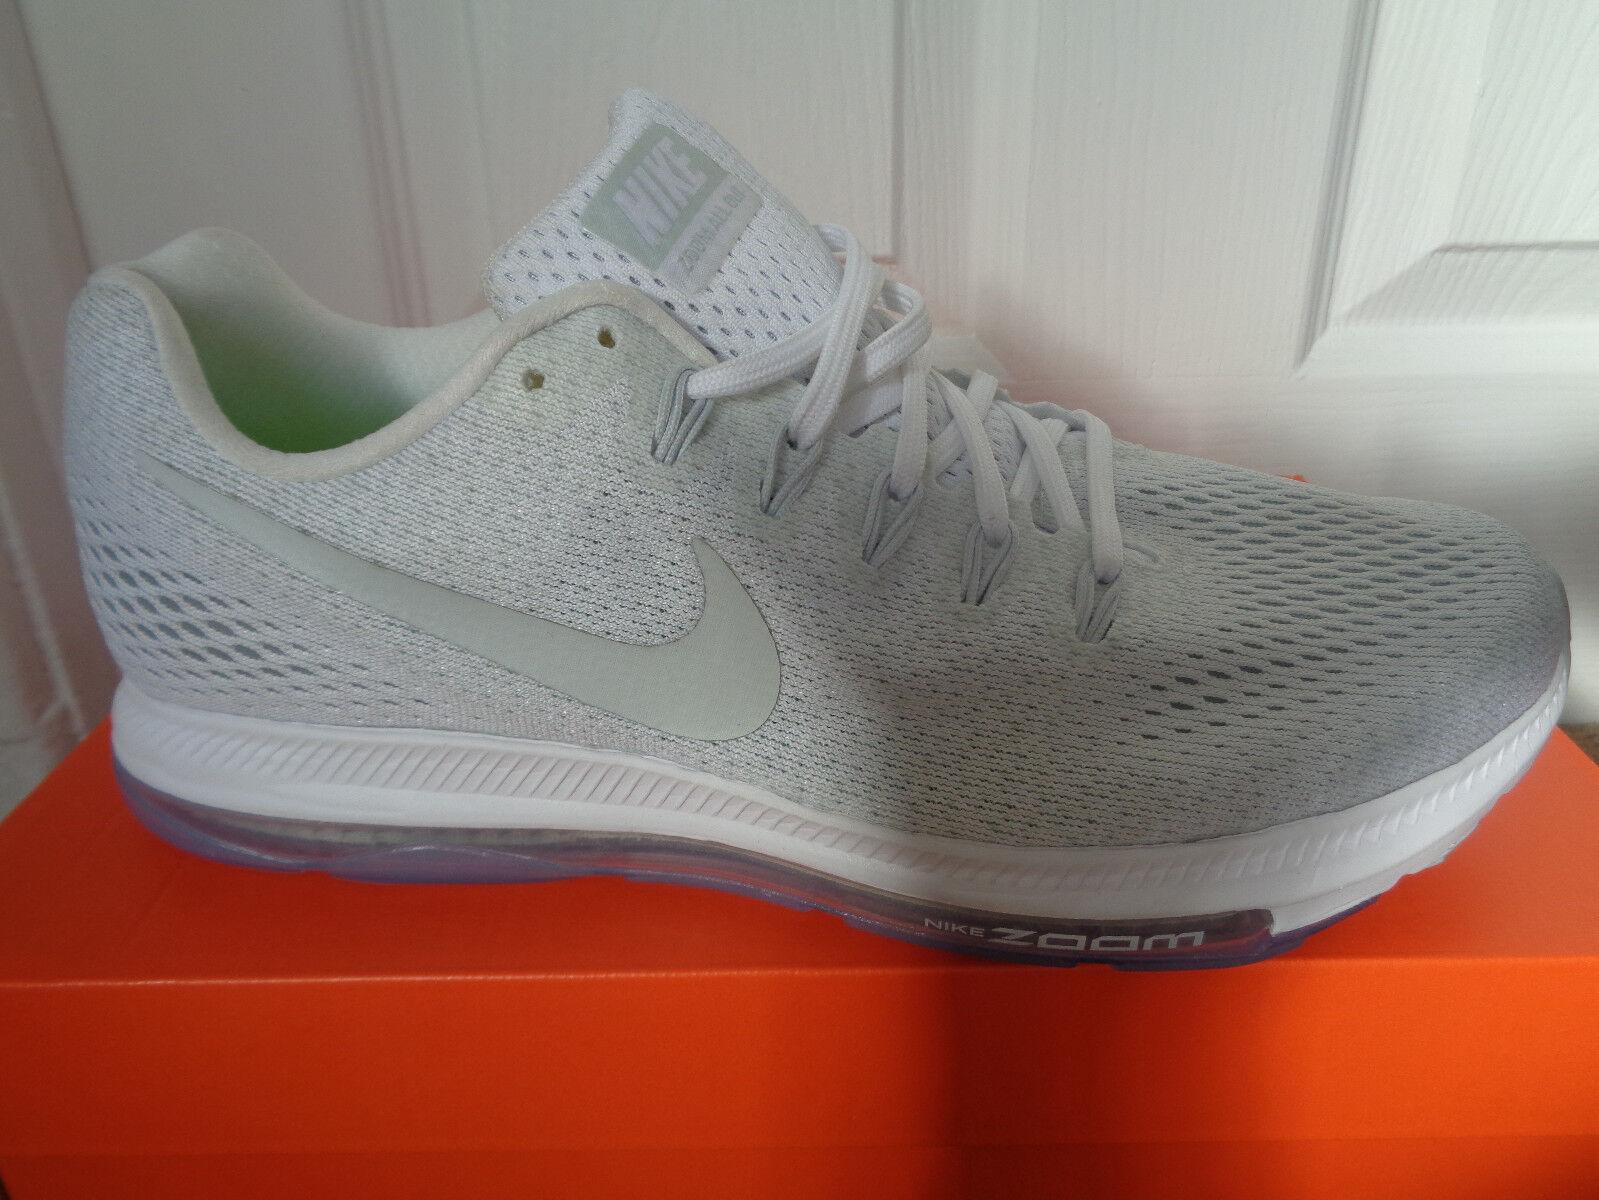 Nike Zoom todos bajo Tenis Zapatos 878670 101 nos 8 Nuevo Nuevo 8 + Caja f69681